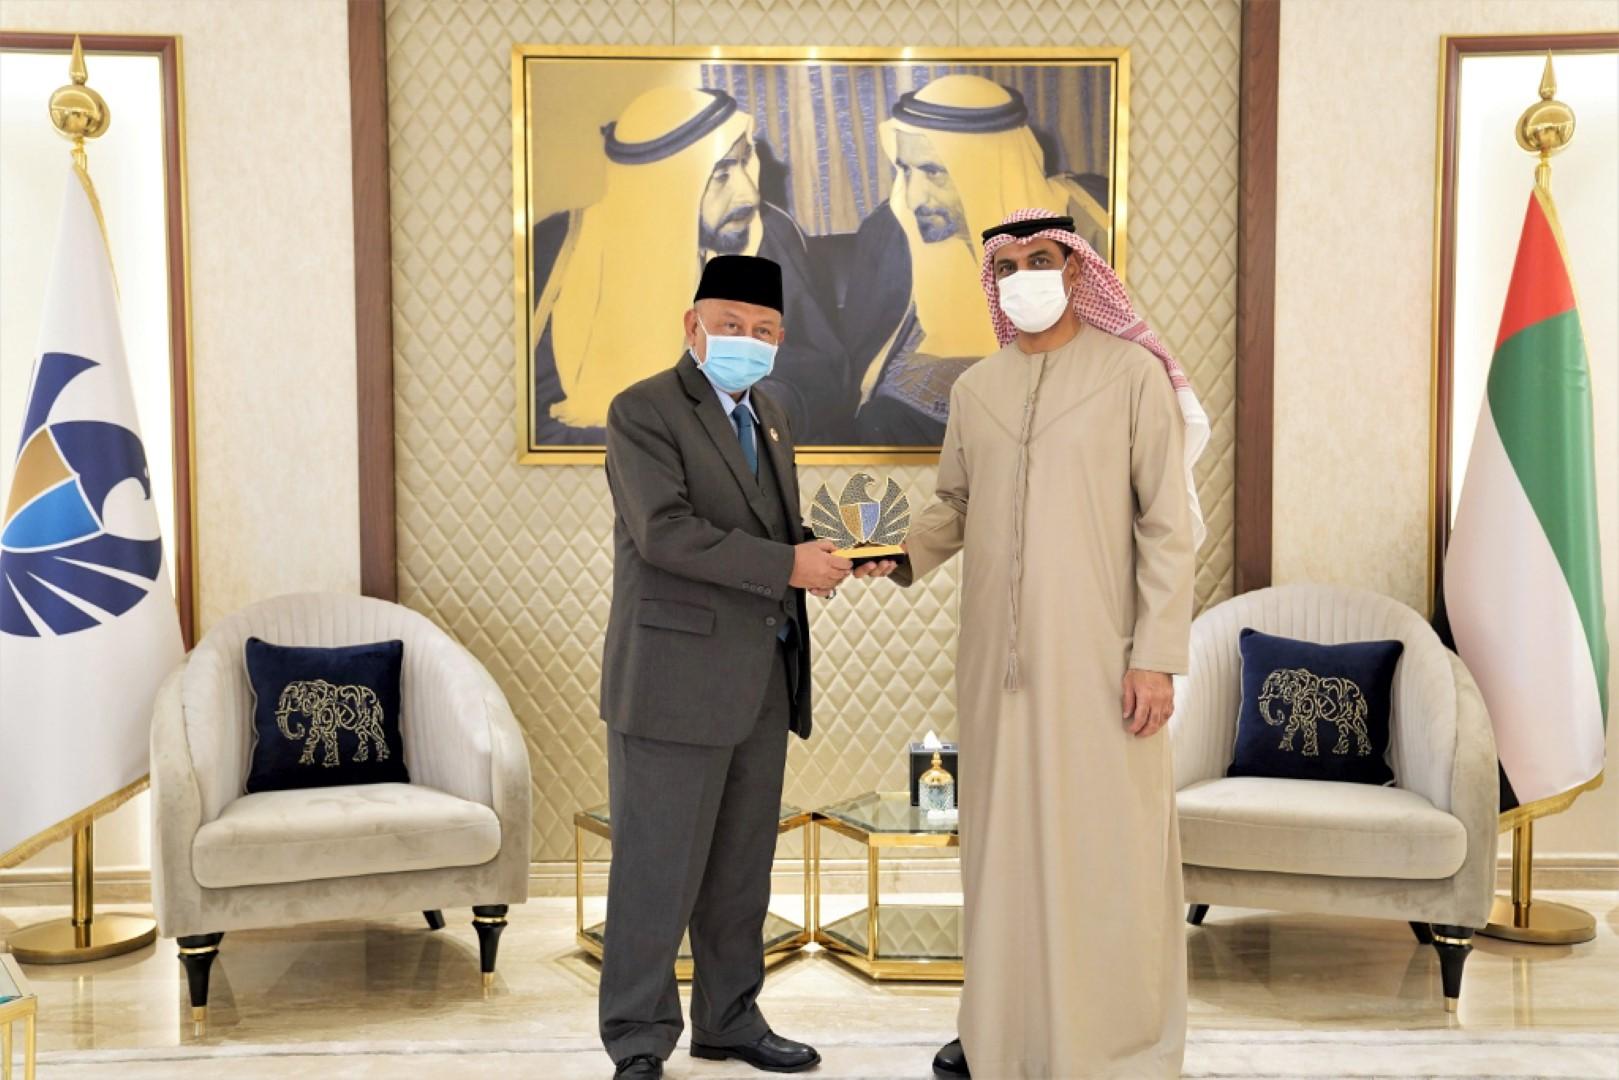 Bea Cukai Dubai sedang berdiskusi dengan Kedutaan Besar Indonesia bekerja sama dengan negara tersebut untuk mendukung perdagangan kedua negara.